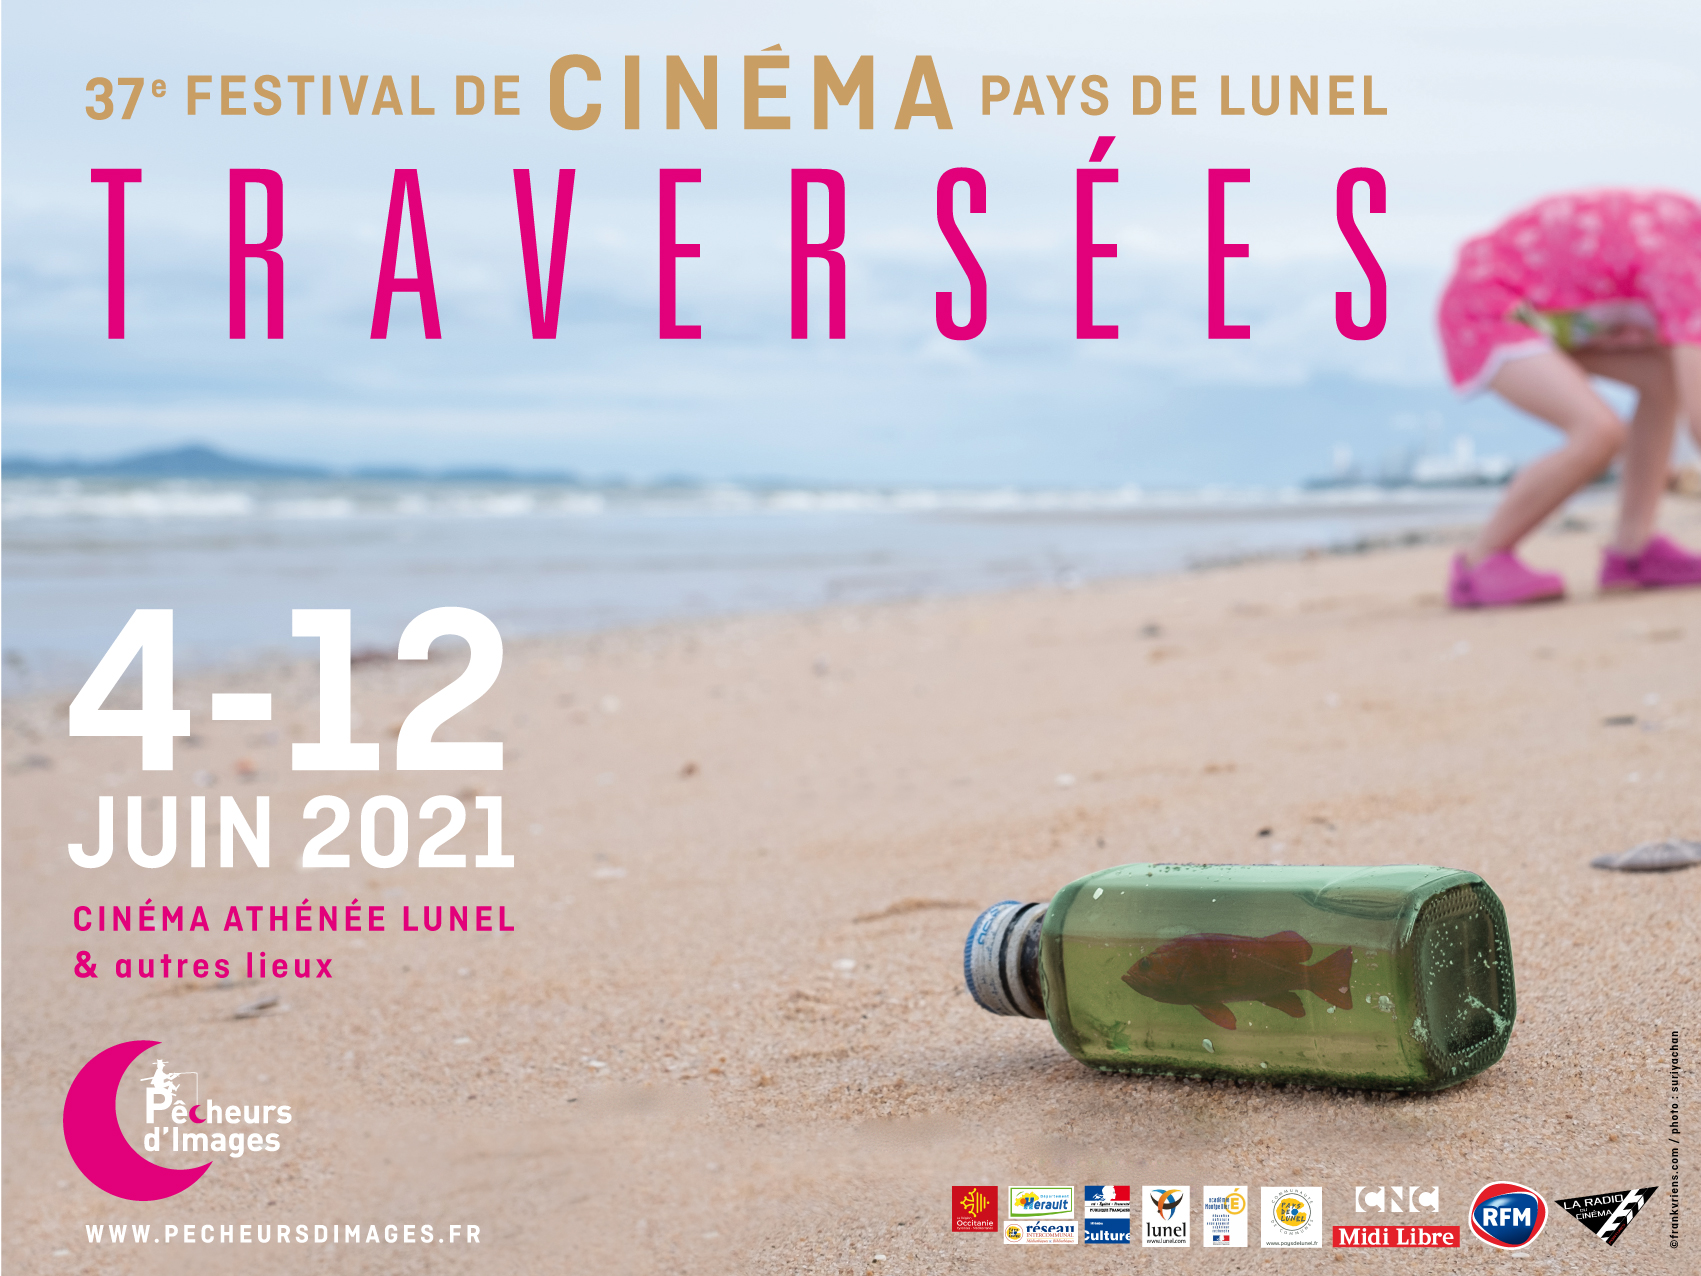 Festival de cinéma Traversées en Pays de Lunel